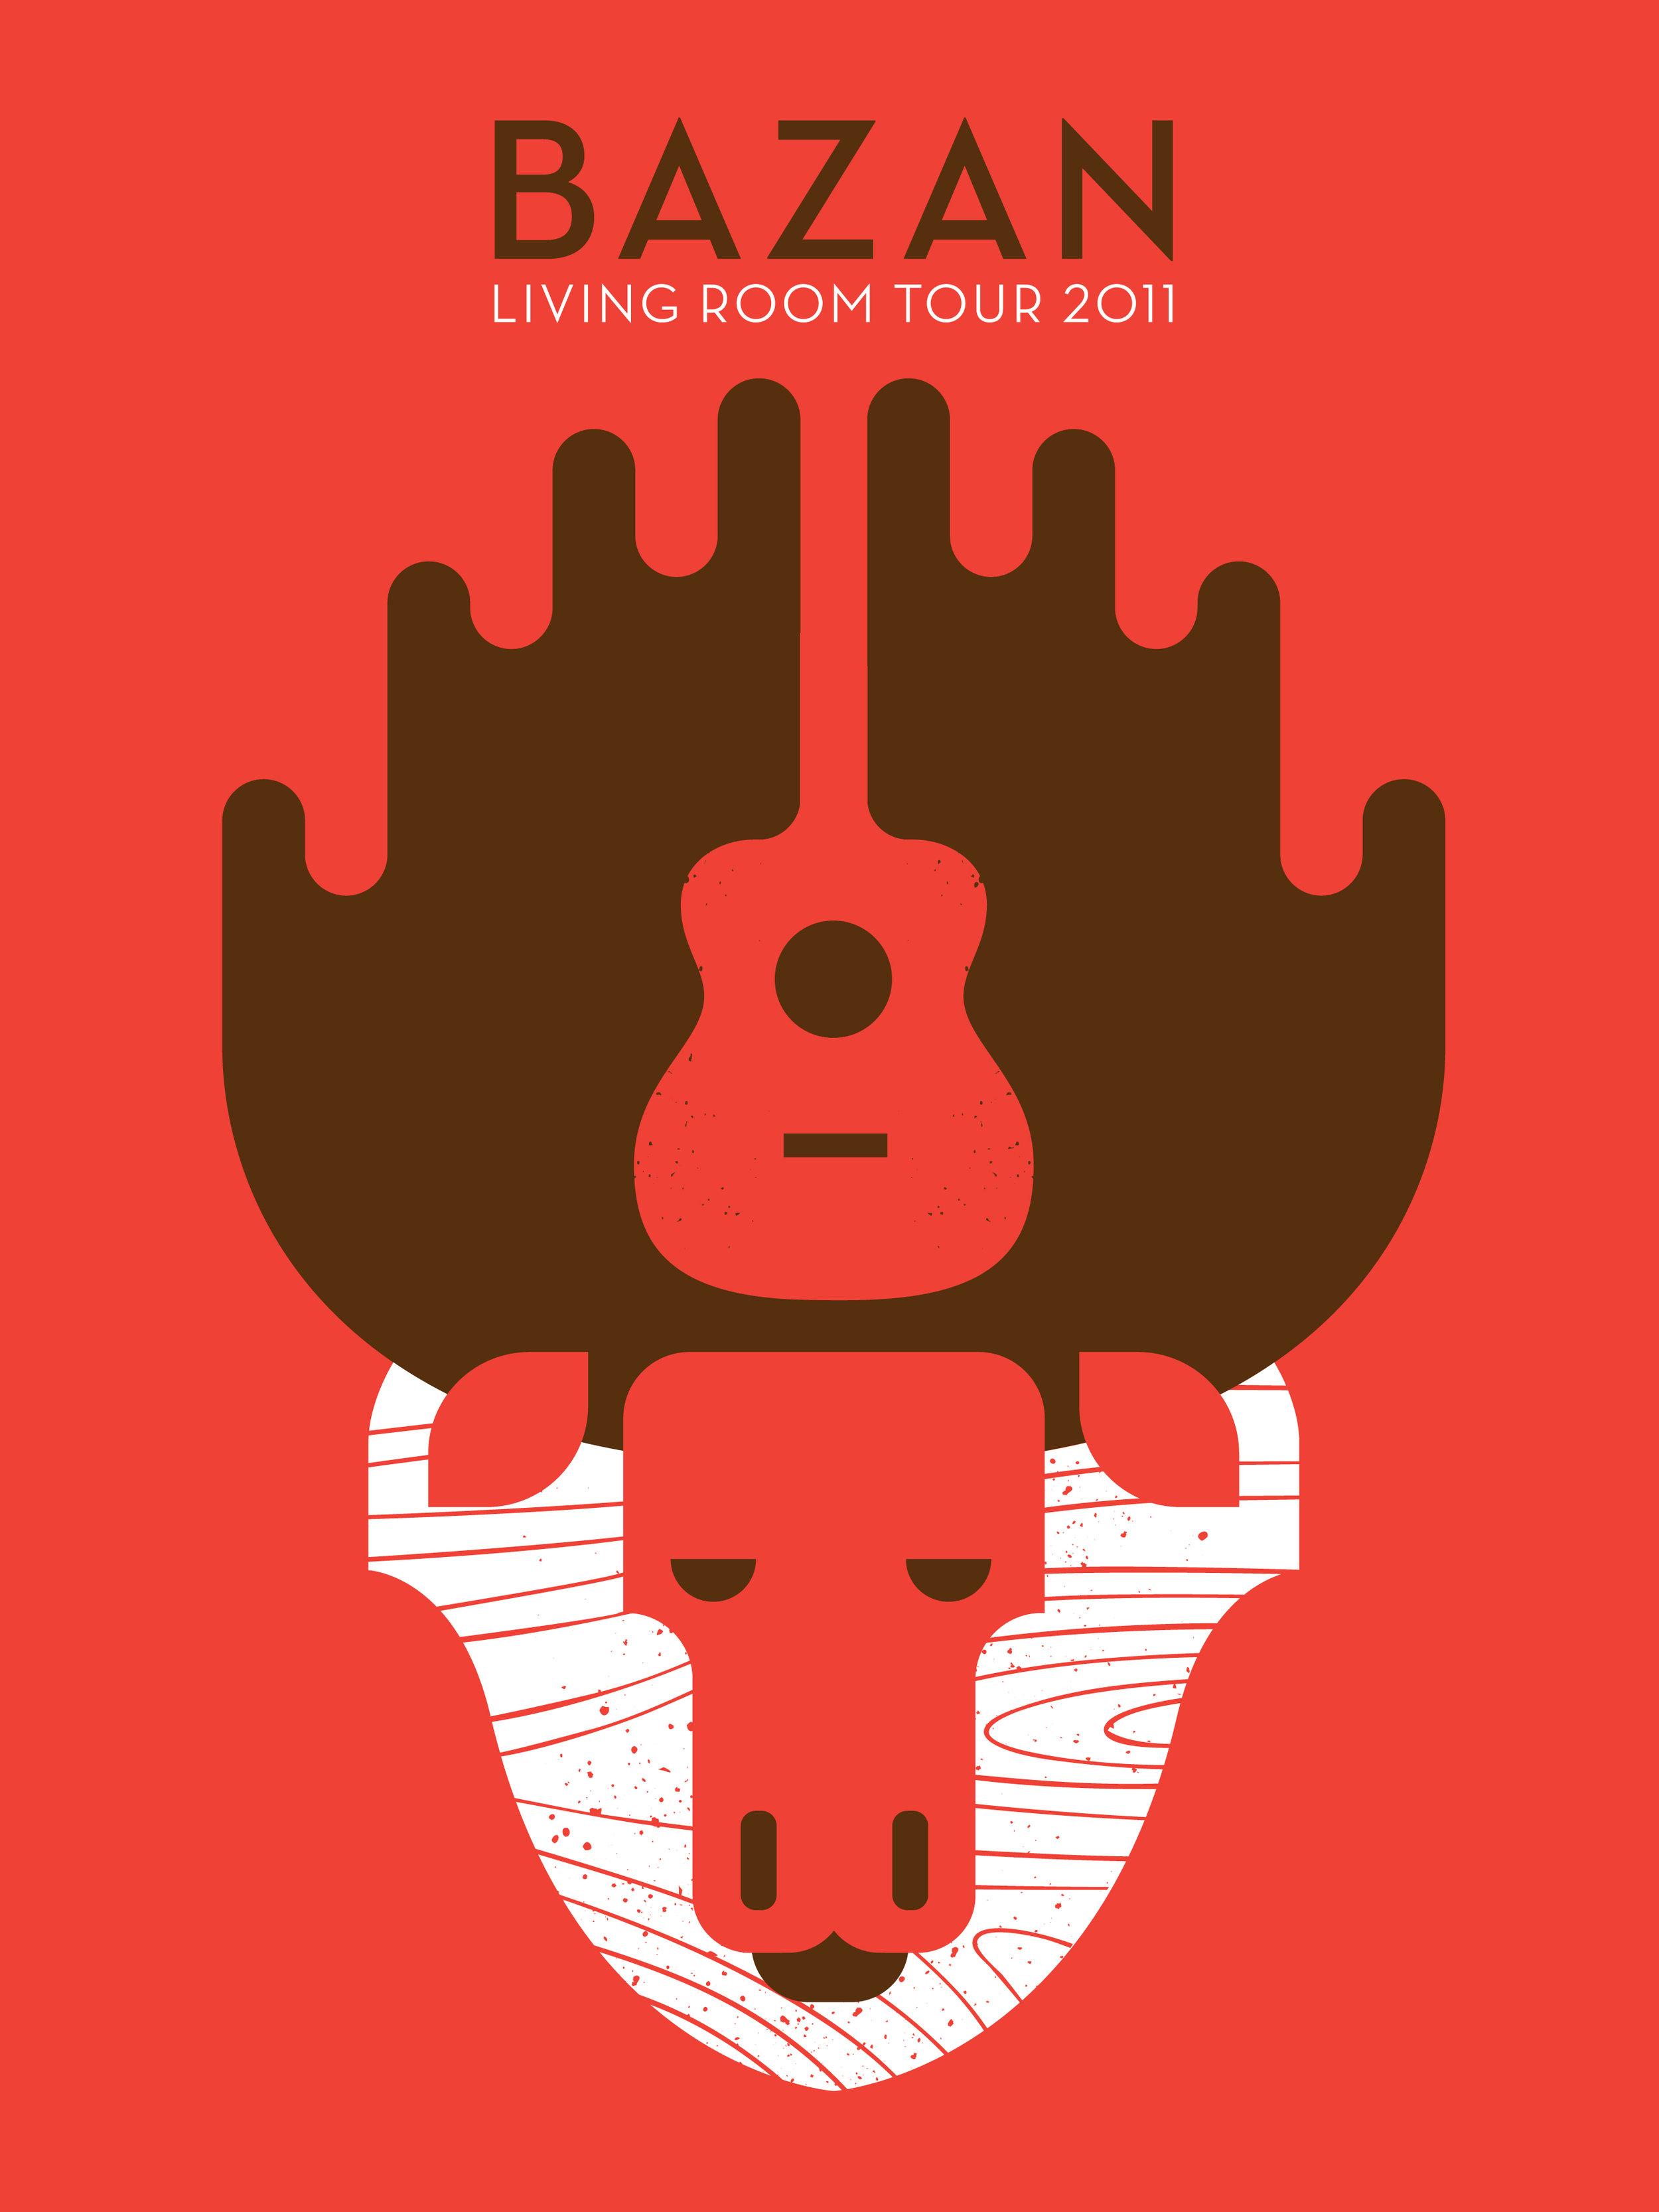 bazan_living_room_poster-01.jpg